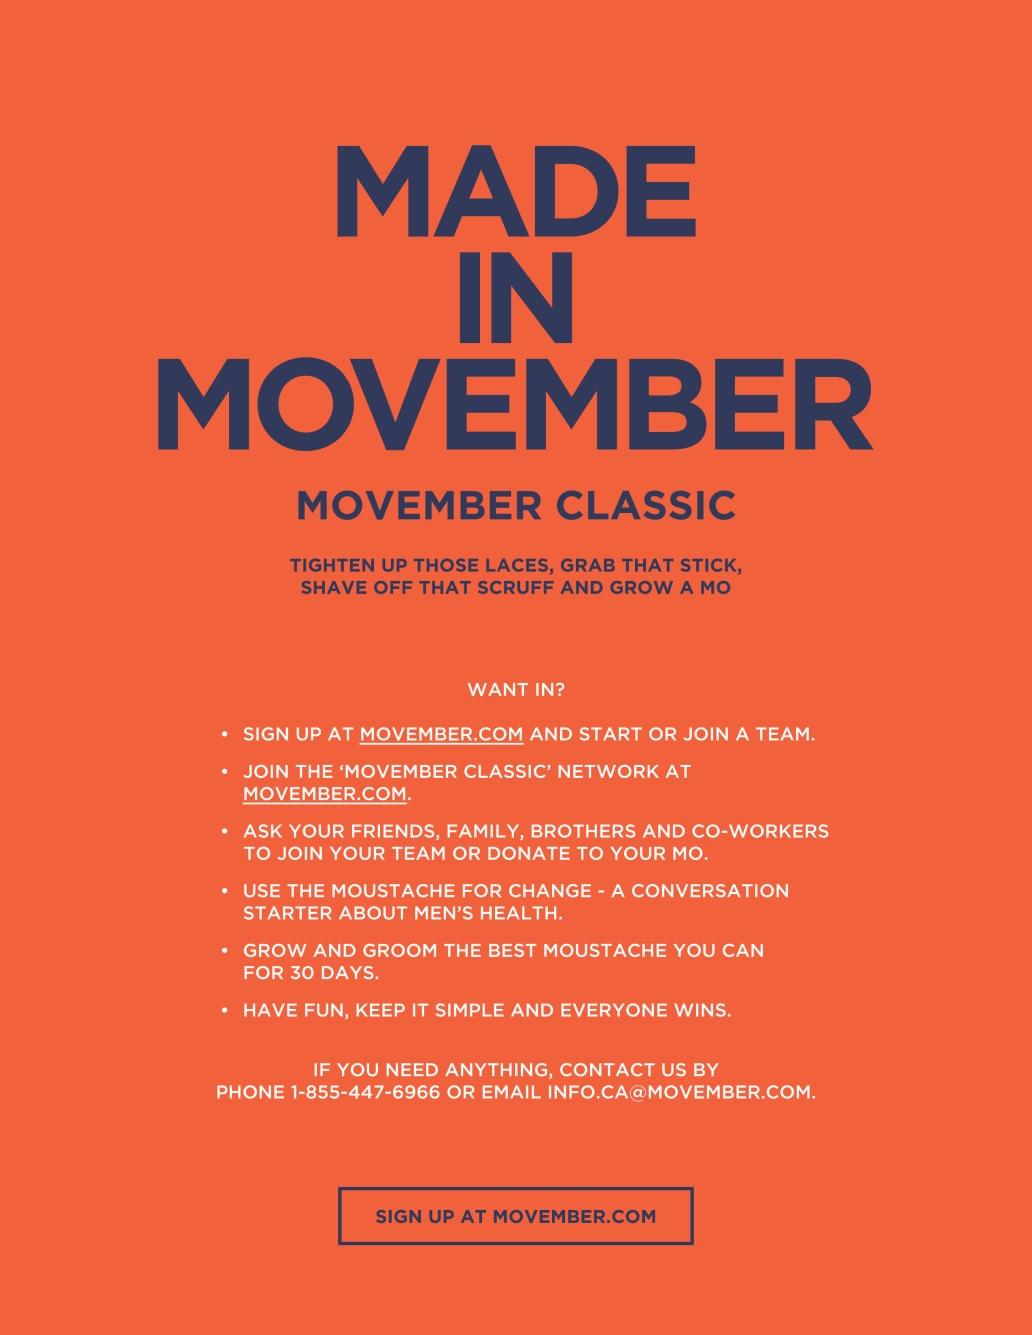 CommunityOnePagers-Print-MovemberClassic